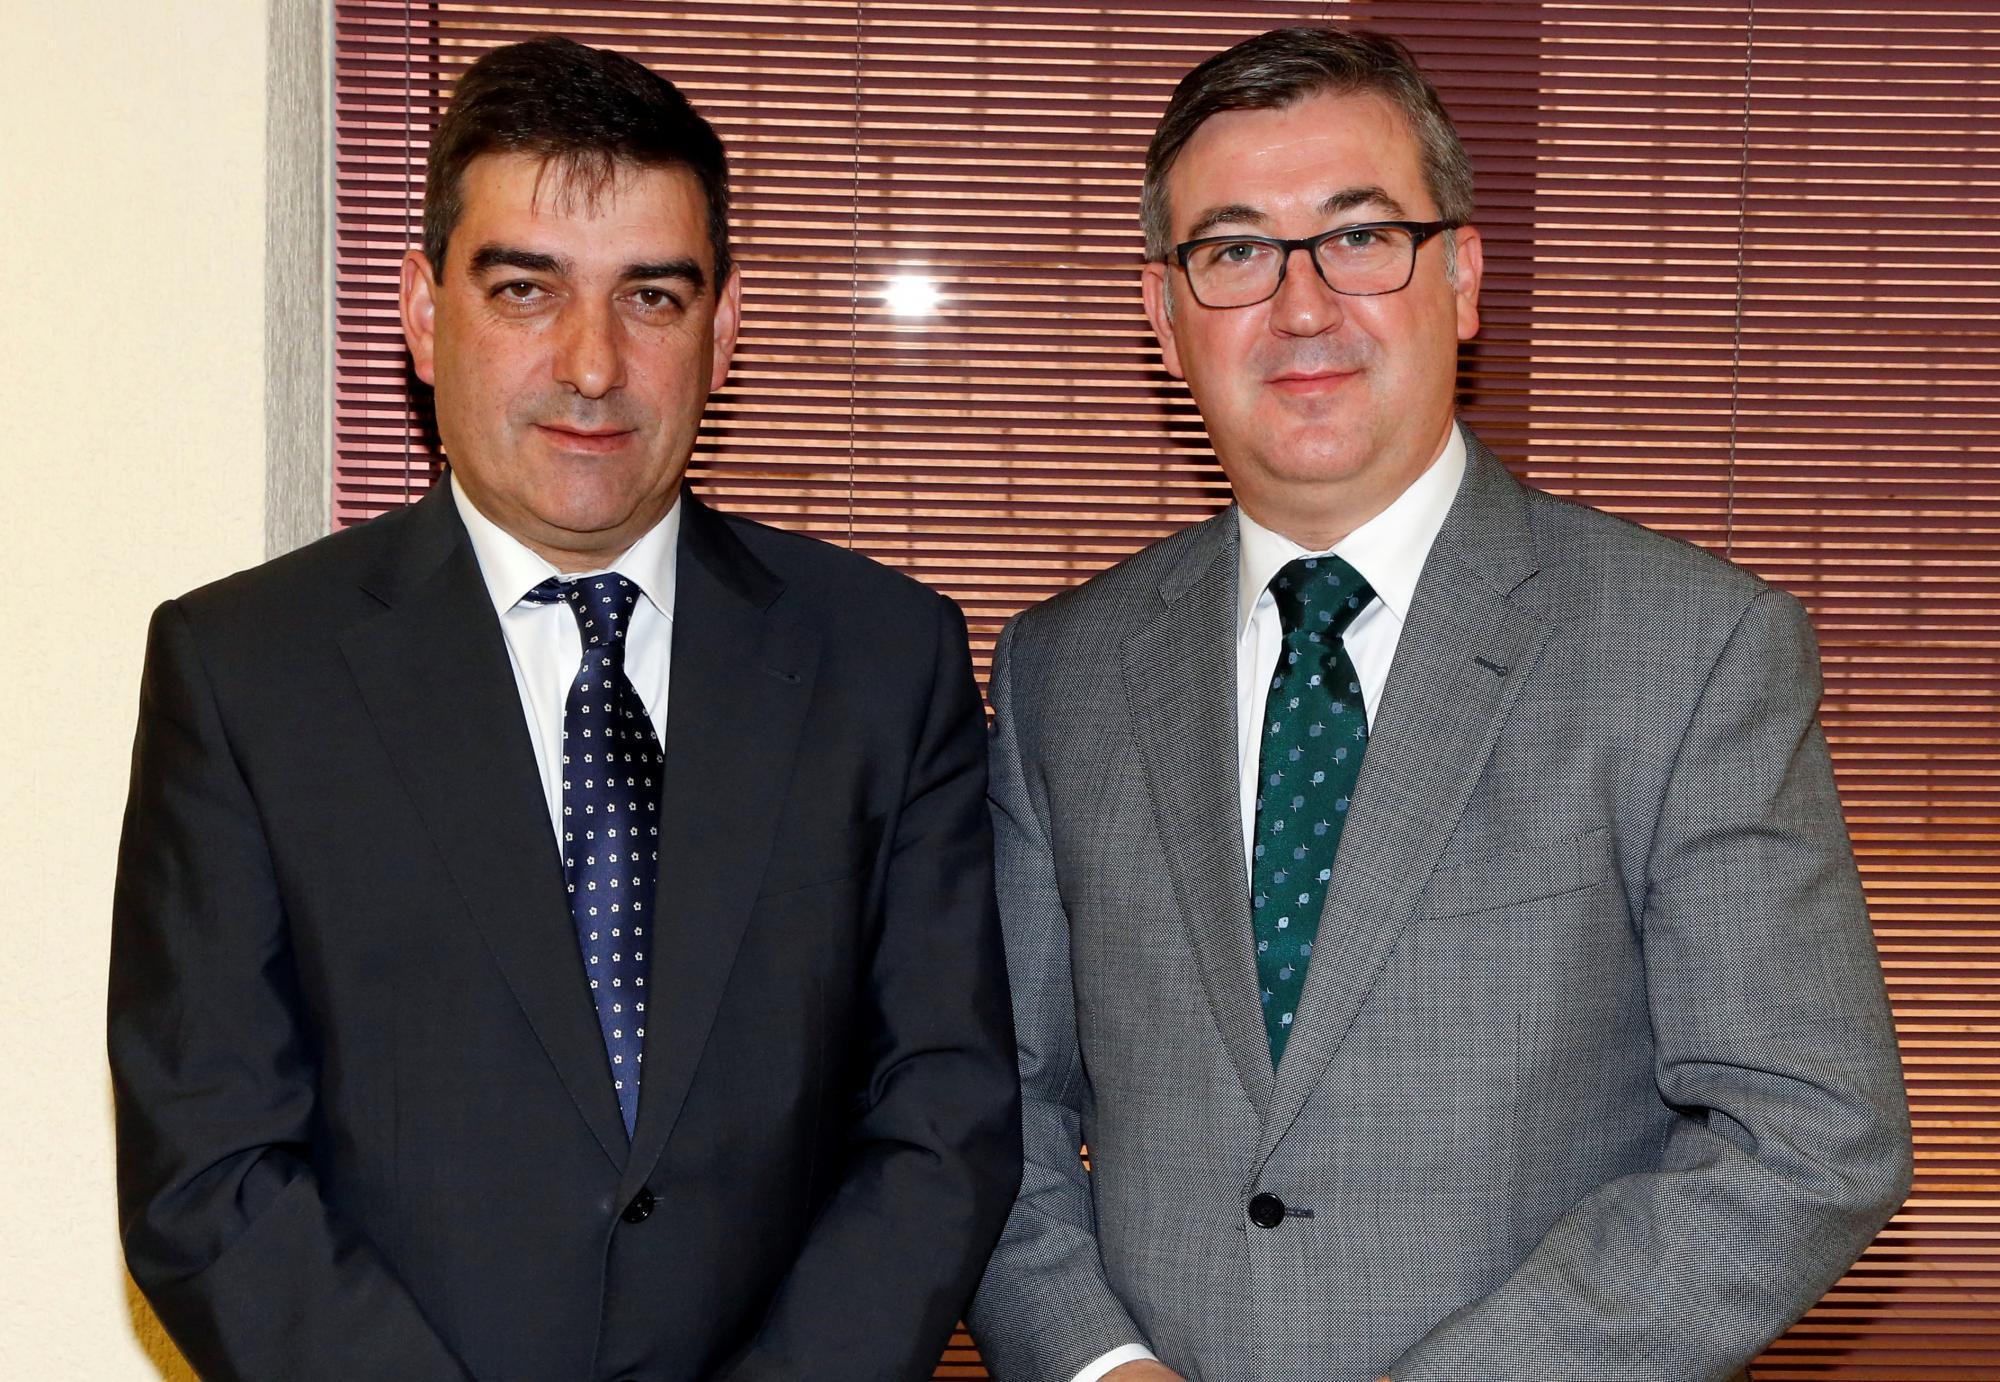 """El Ministerio de Educación reconoce al Gobierno de Cospedal """"su gran esfuerzo"""" para reducir la tasa de abandono educativo temprano en Castilla-La Mancha"""